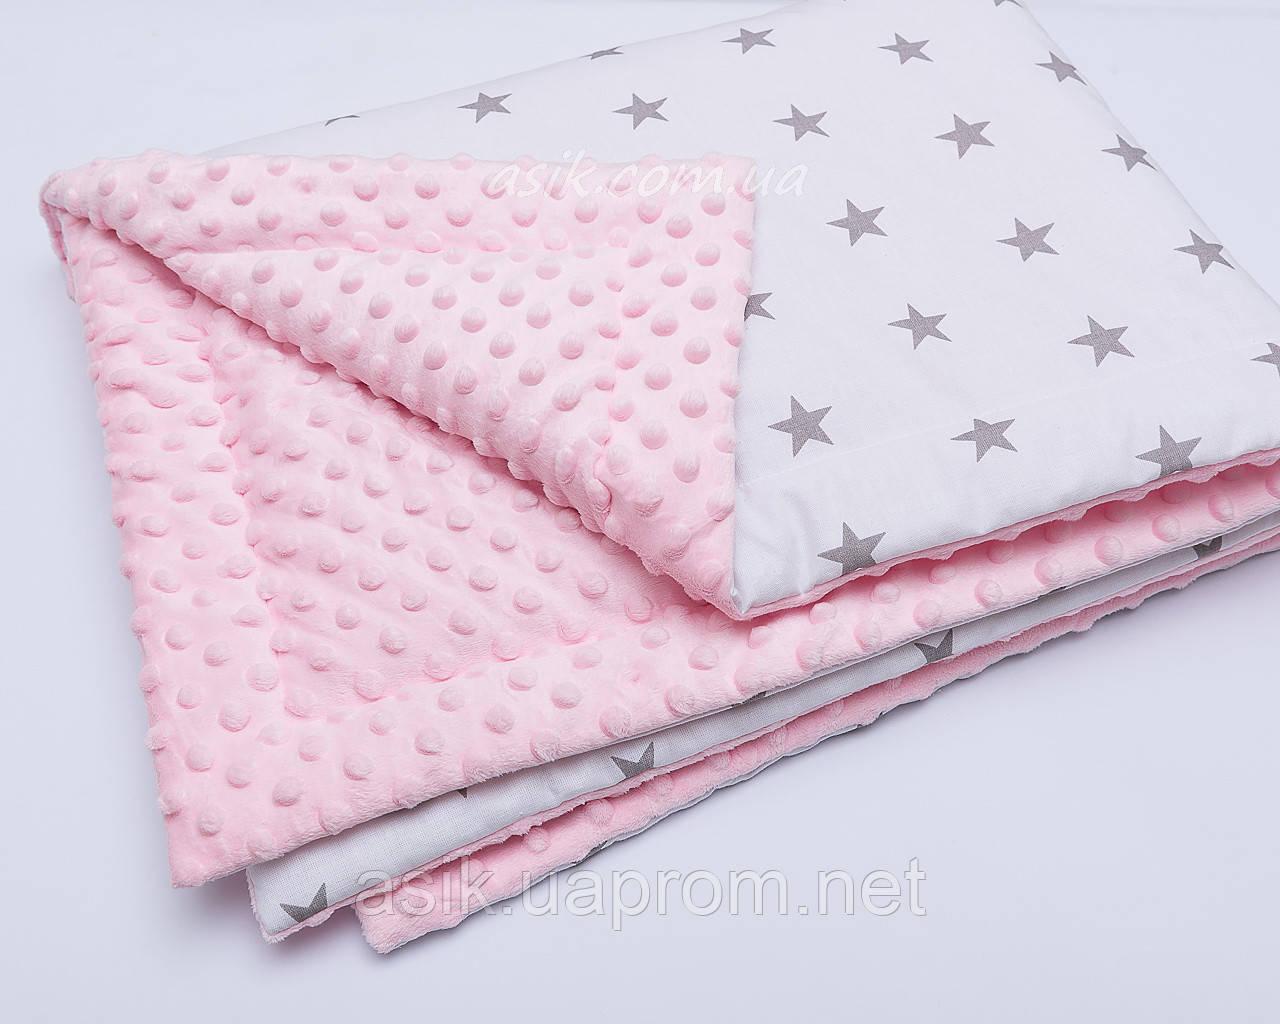 Плед в коляску с плюшем минки розового цвета и серыми звёздами на белом